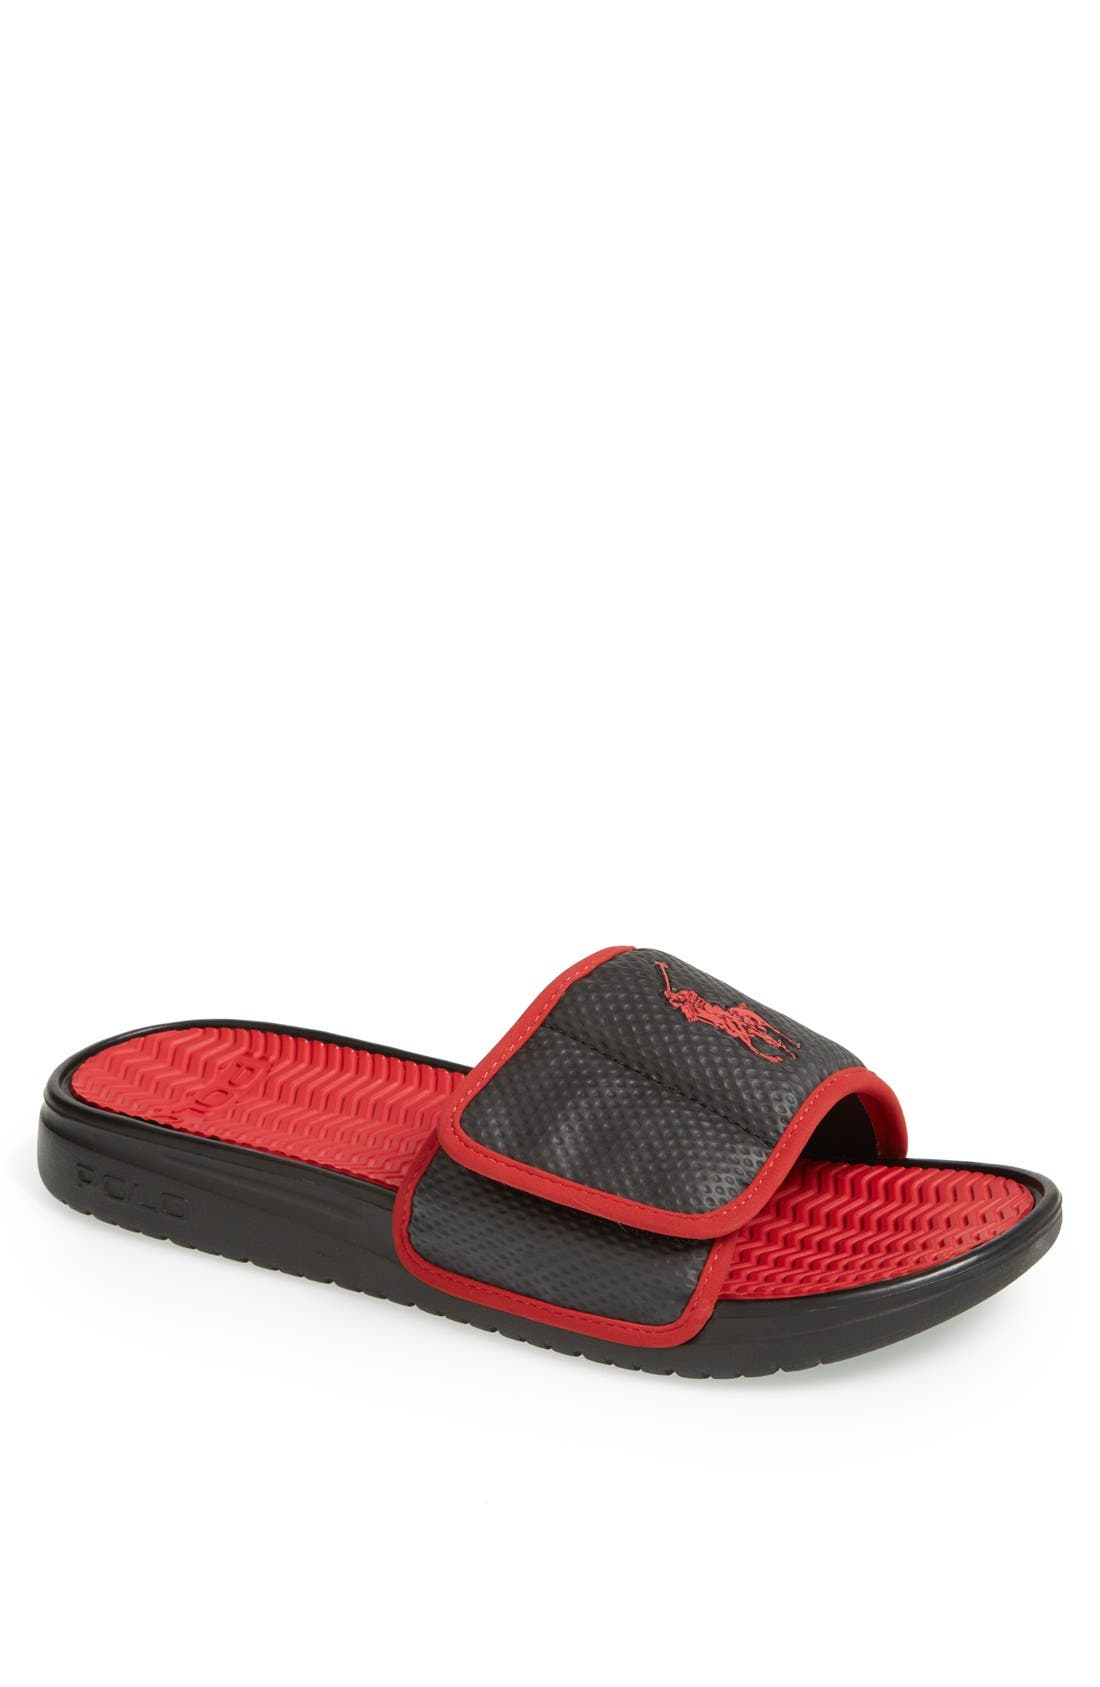 d5efb1cbcc2 polo ralph lauren romsey sandals on sale   OFF31% Discounts